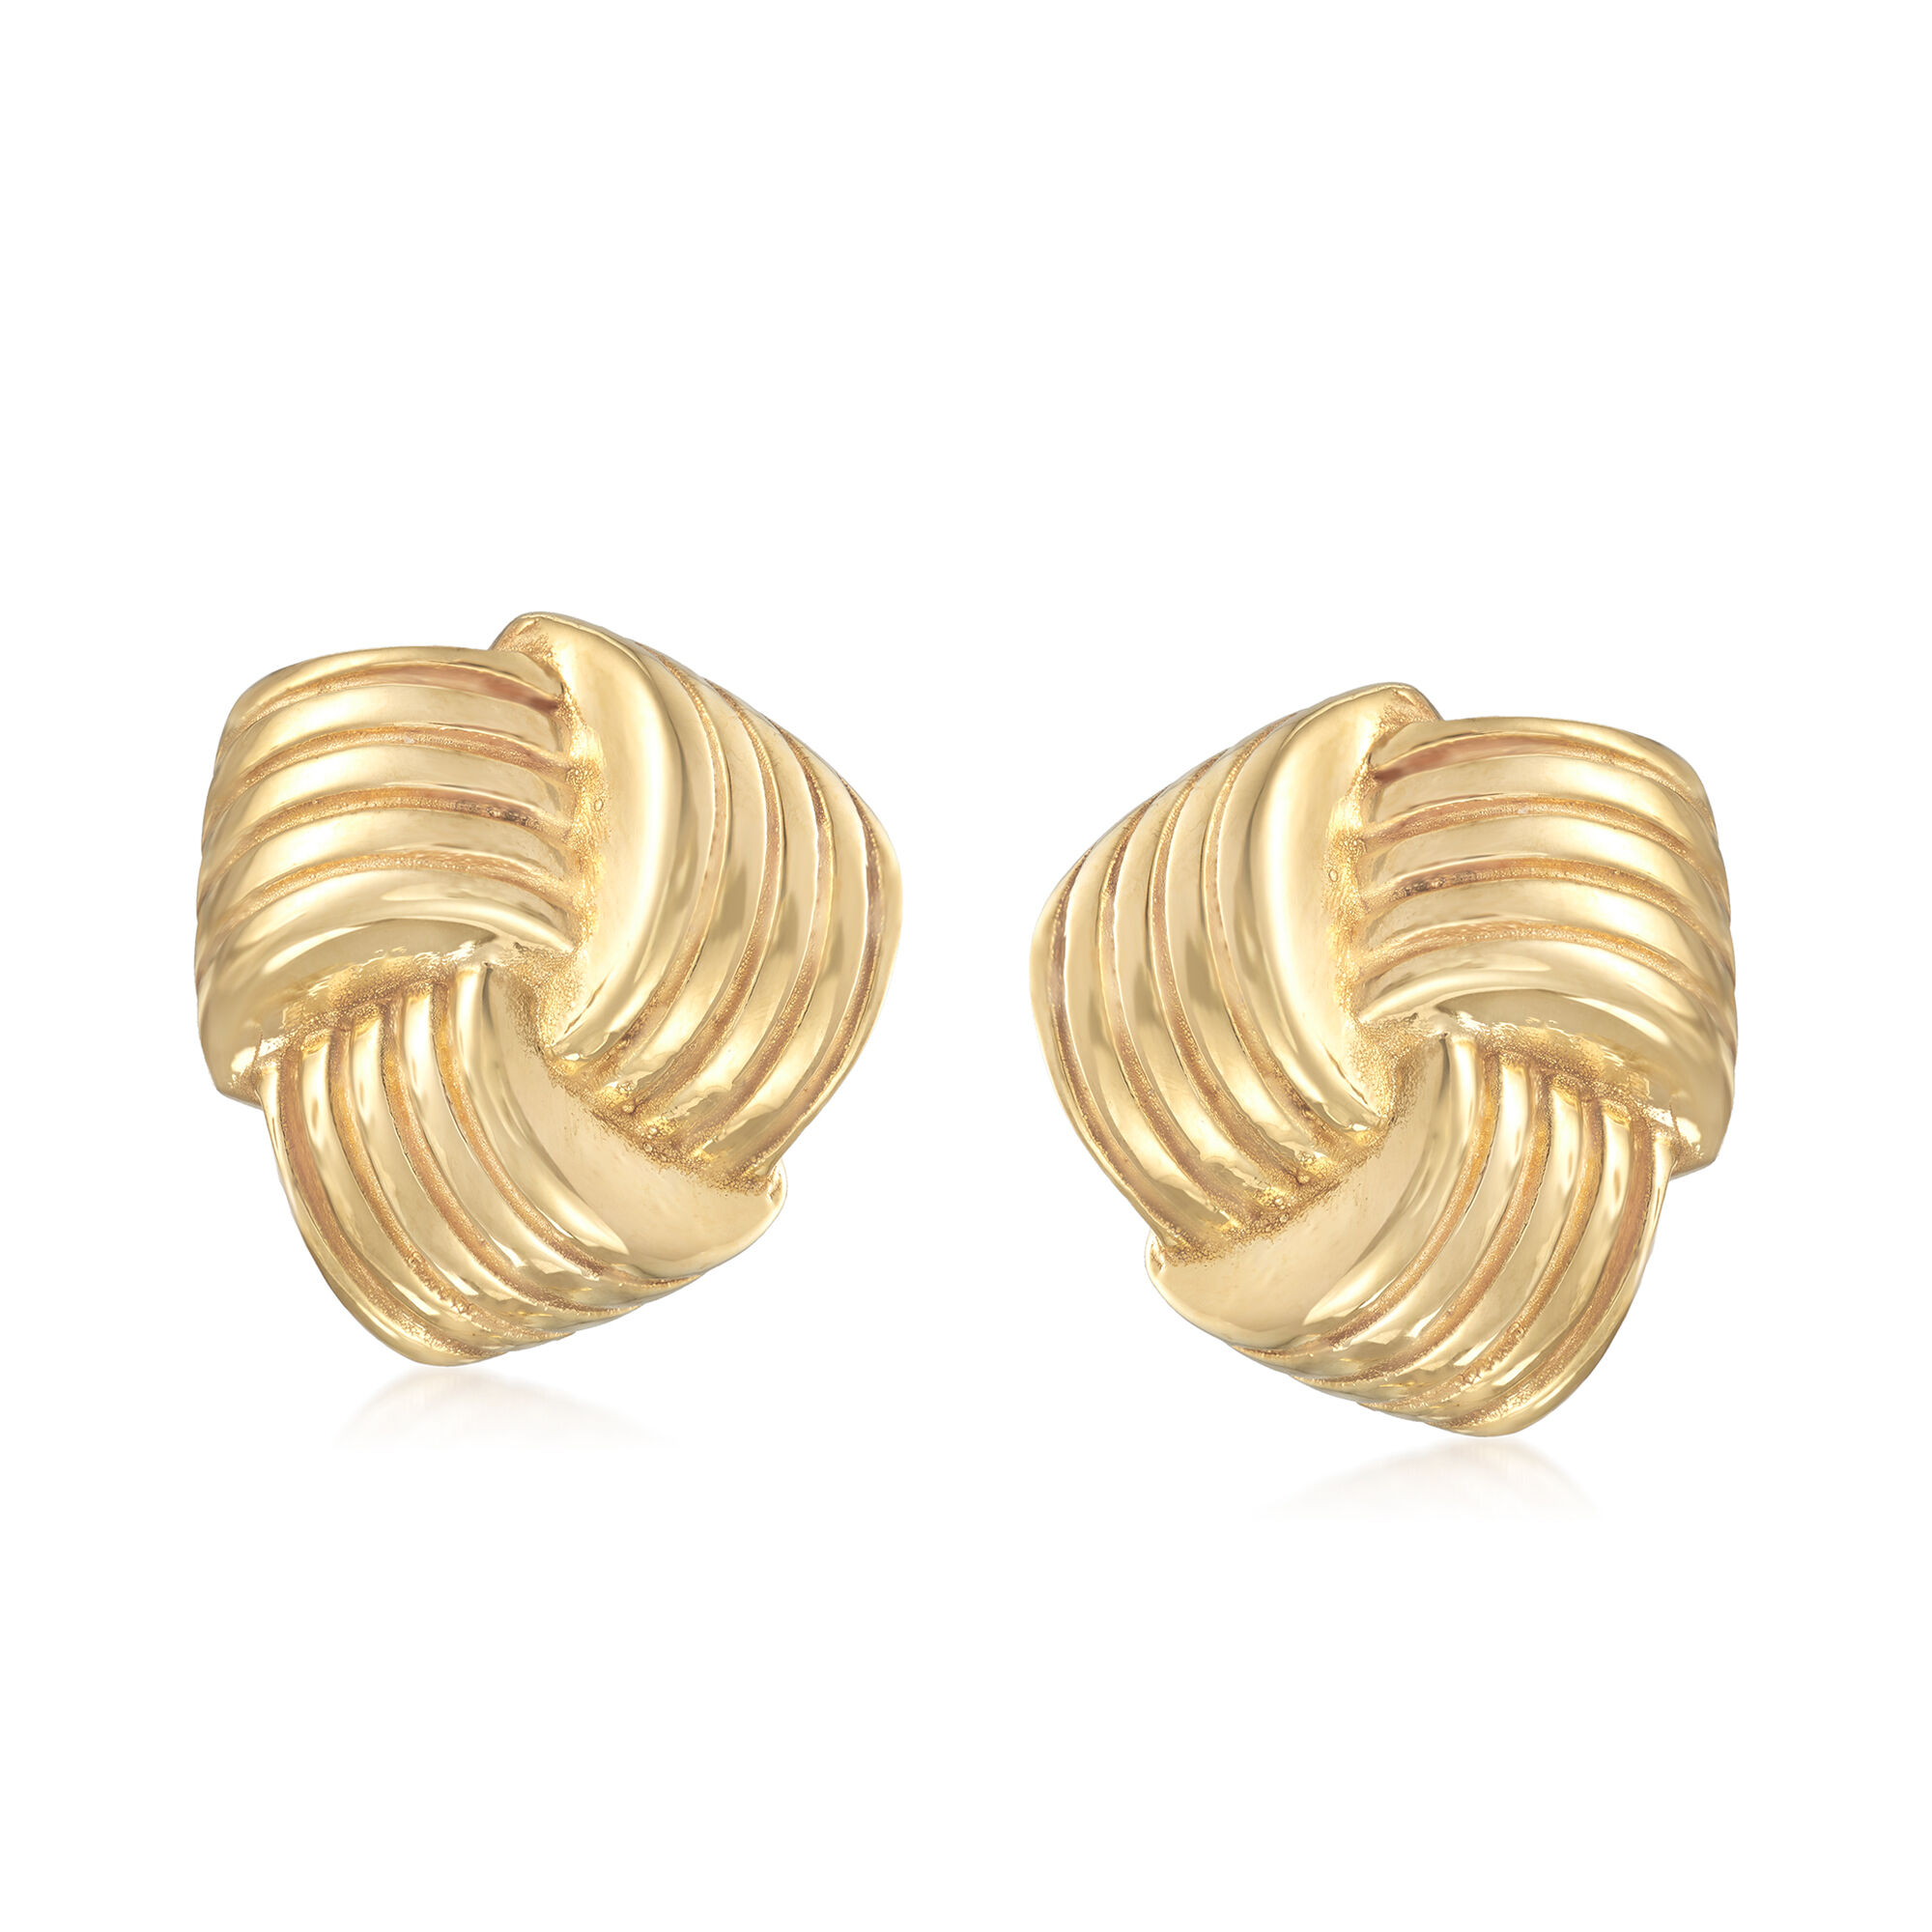 Italian 14kt Yellow Gold Love Knot Earrings